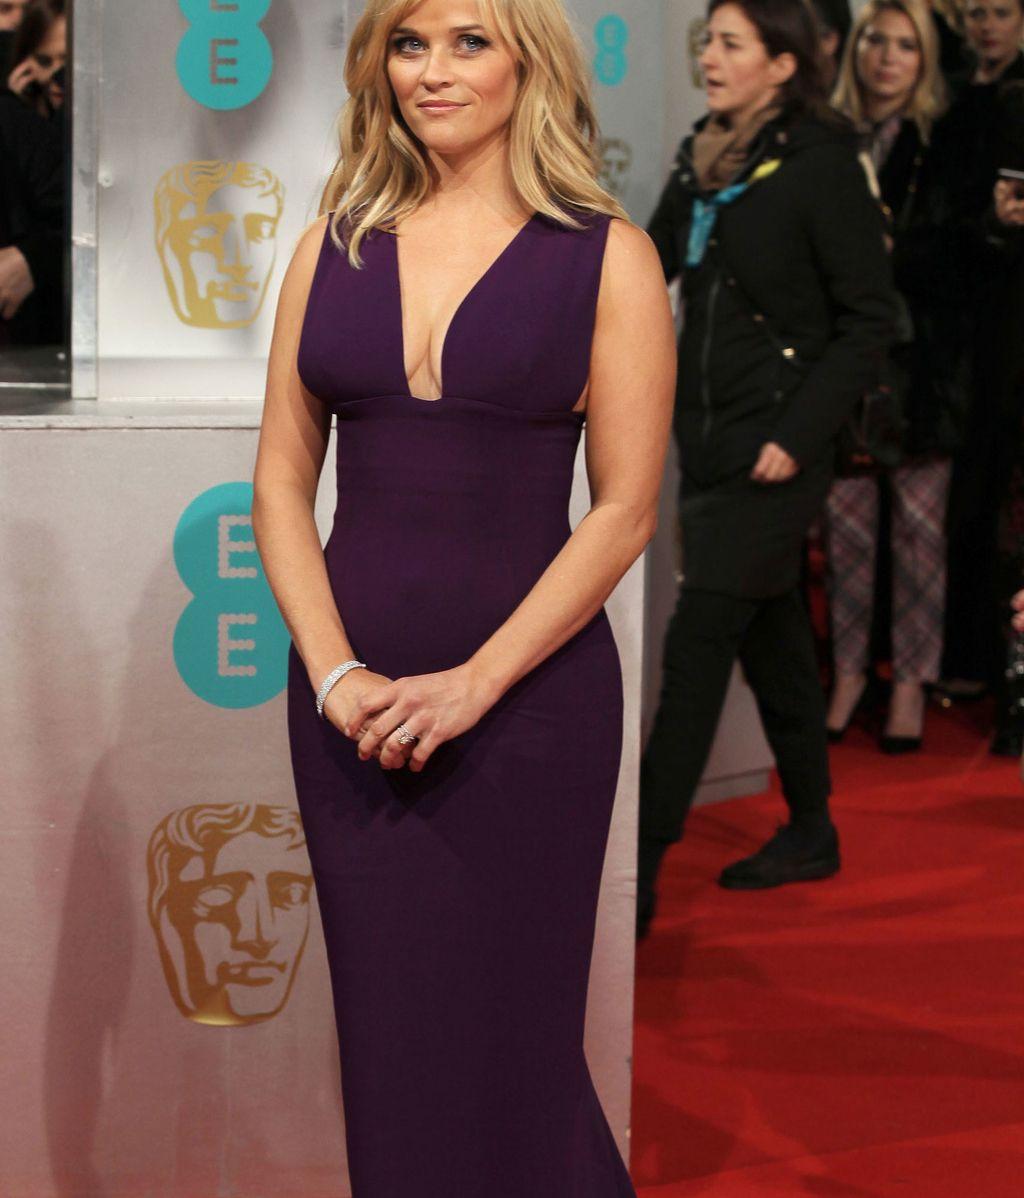 La presentadora  de la gala, Reese Witherspoon vestida de un femenino morado.